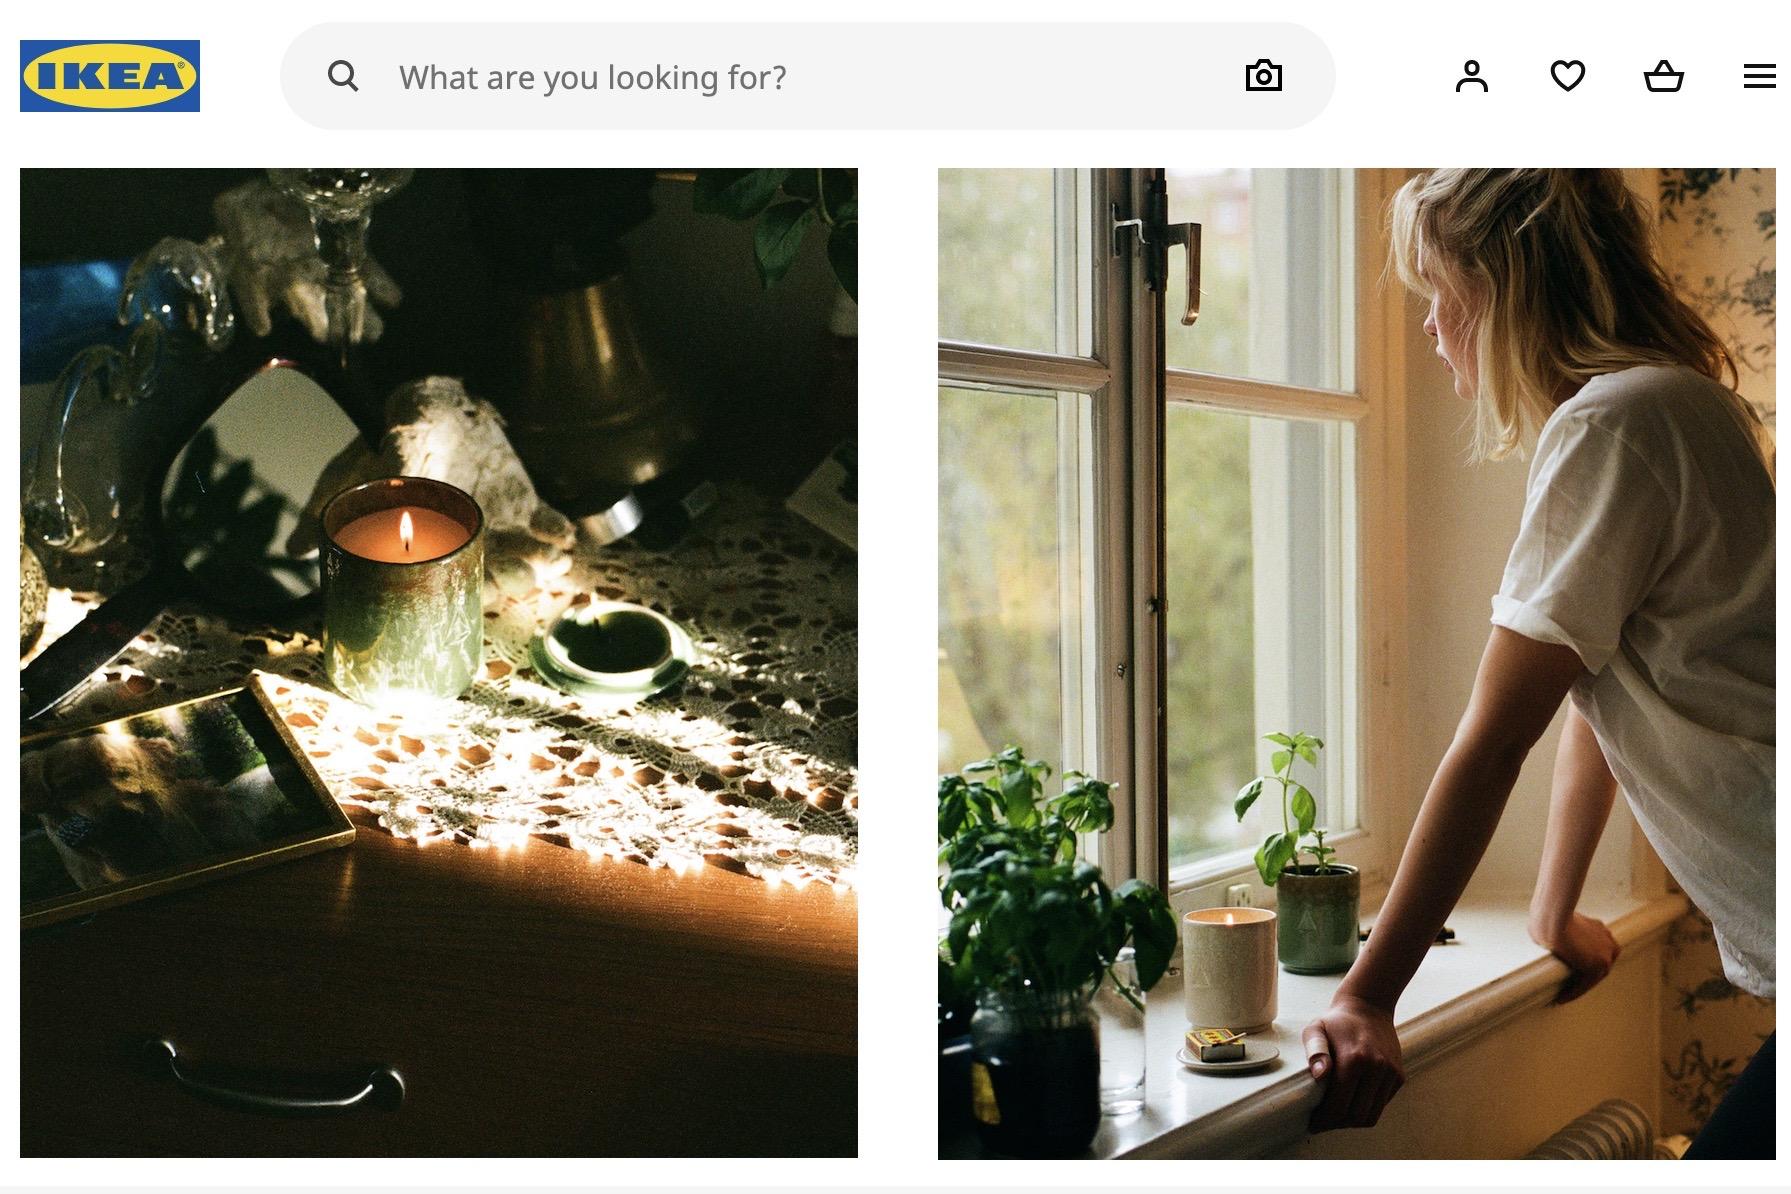 """瑞典香氛品牌 Byredo 创始人Ben Gorham 联手家具巨头宜家,推出 """"家""""的味道香薰蜡烛"""